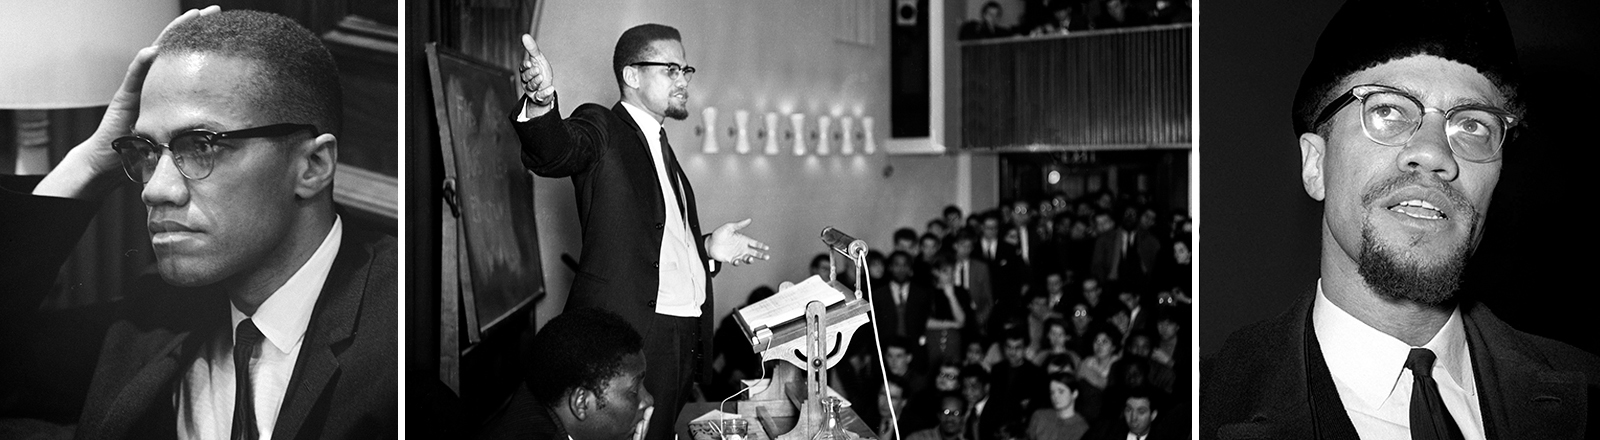 Der Bürgerrechtler Malcolm X.